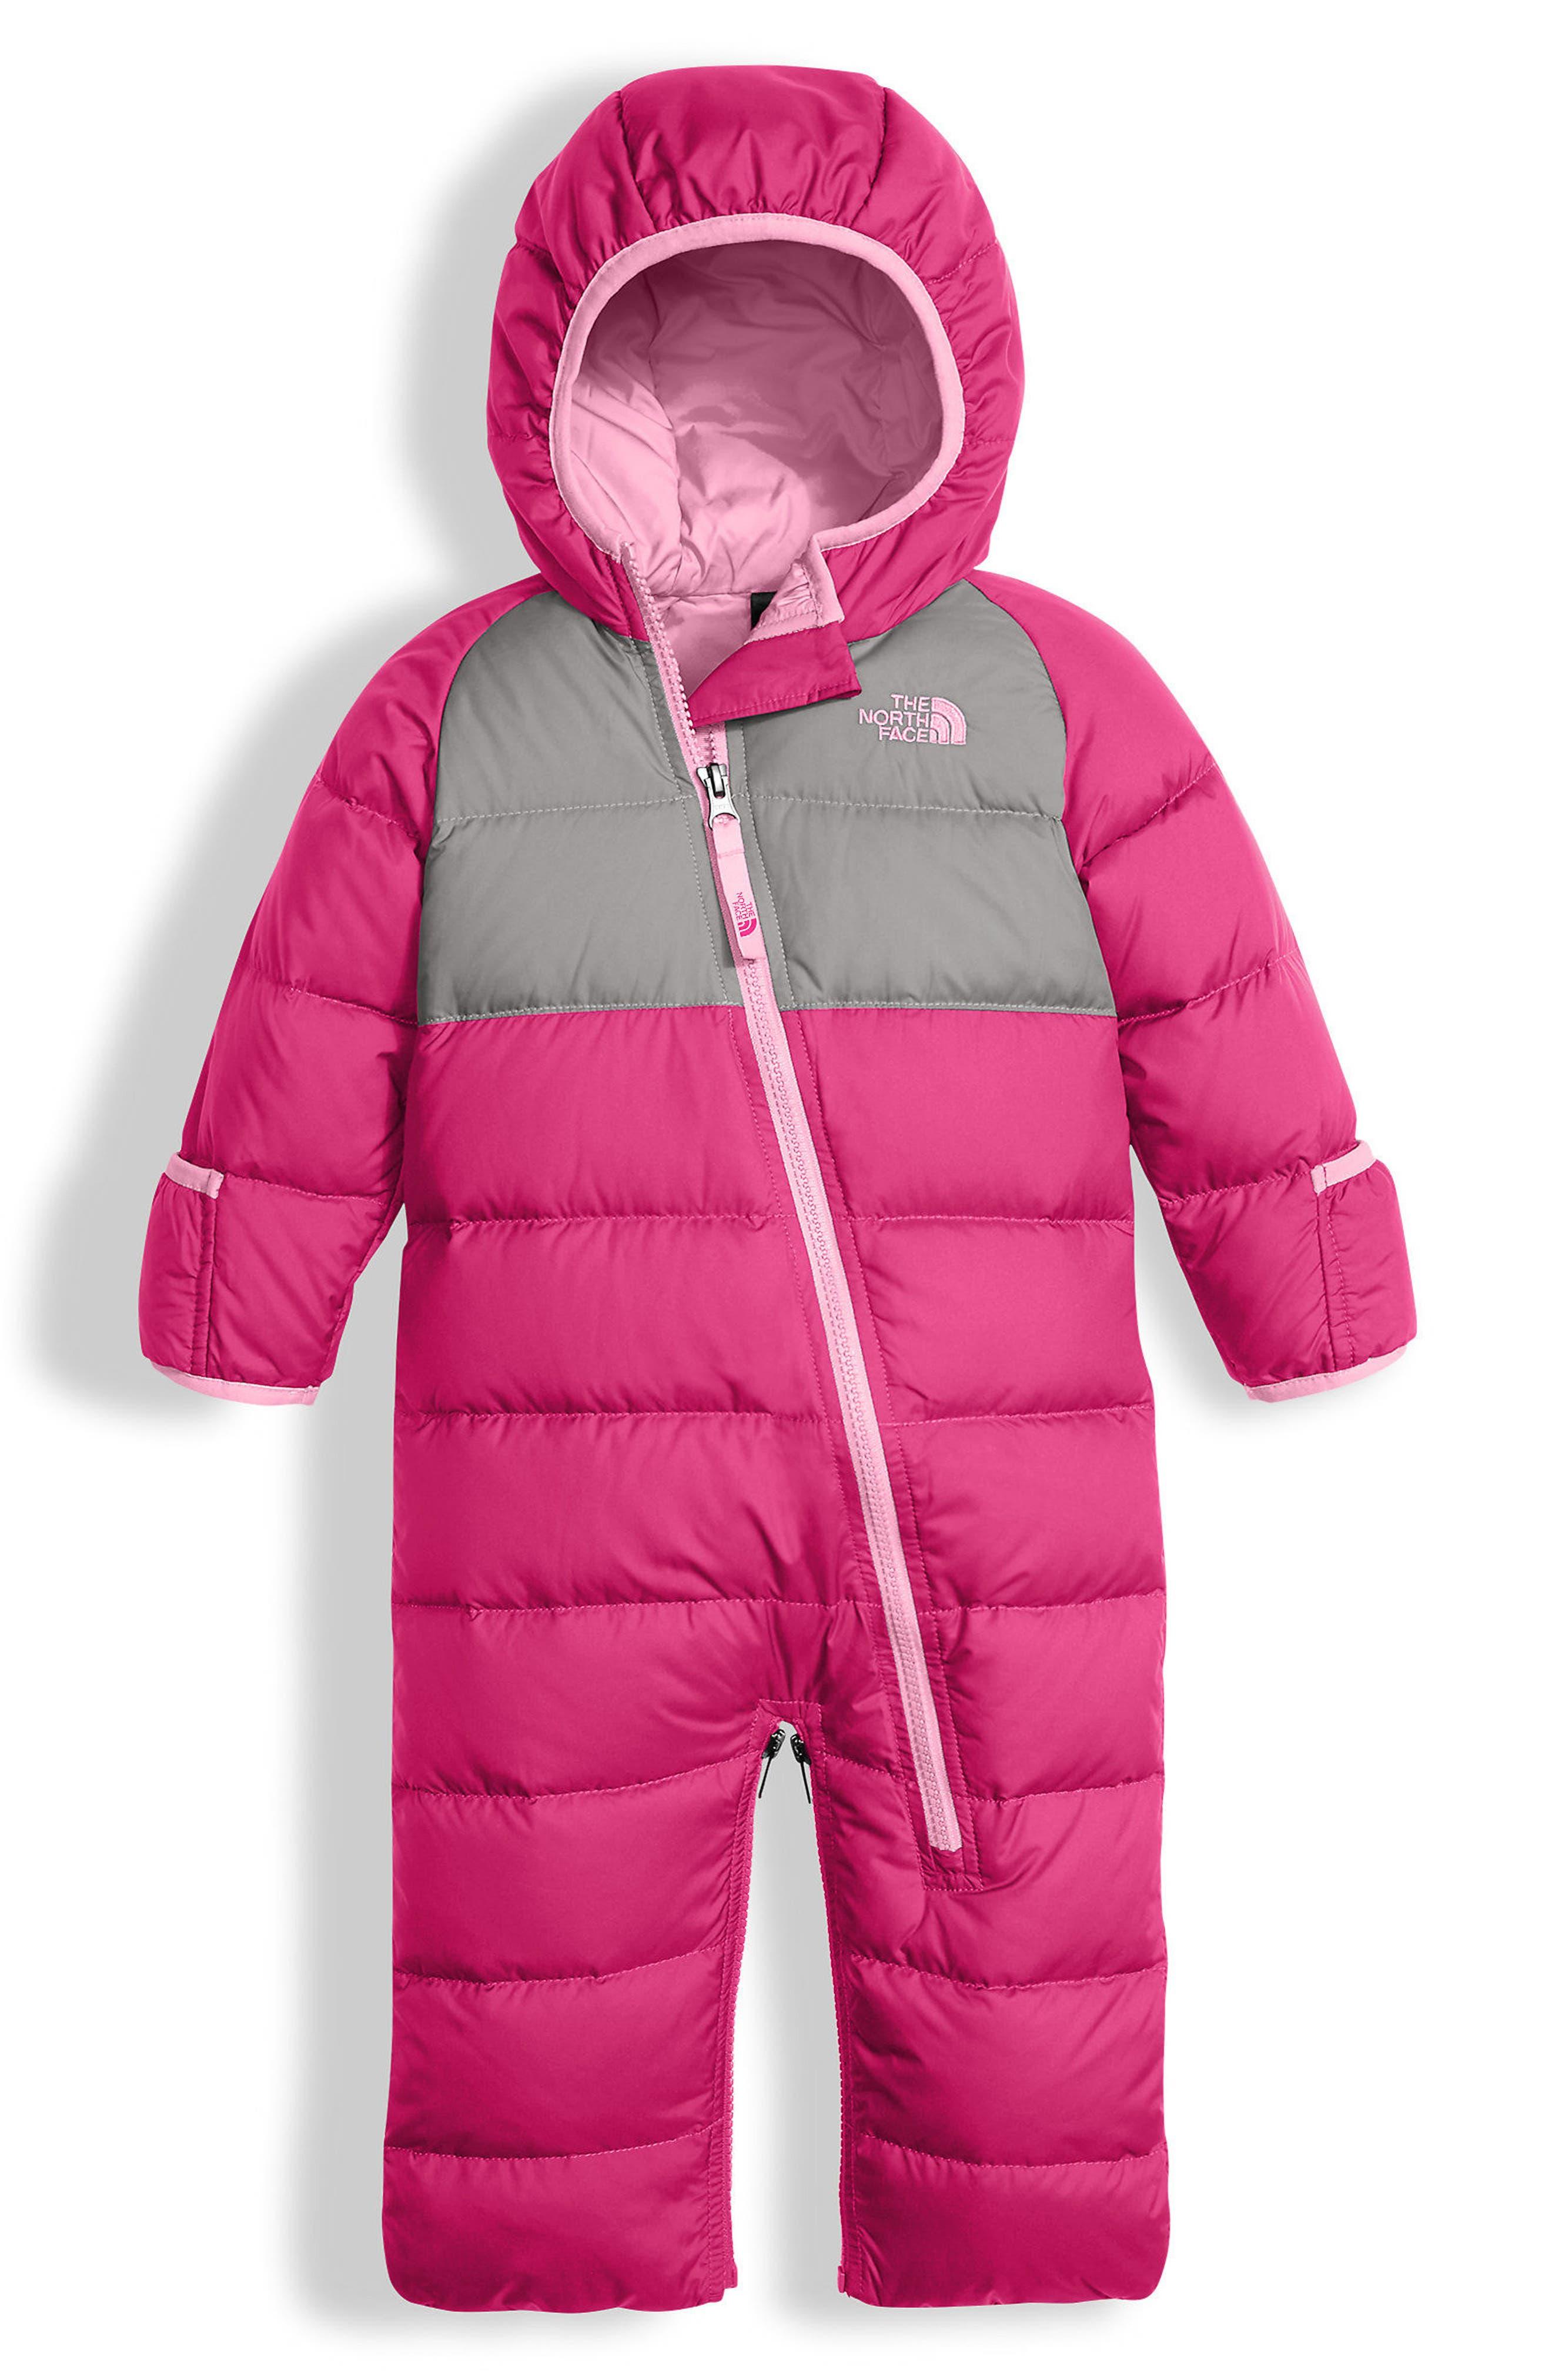 Lil' Snuggler Water Resistant Down Bunting,                         Main,                         color, Petticoat Pink